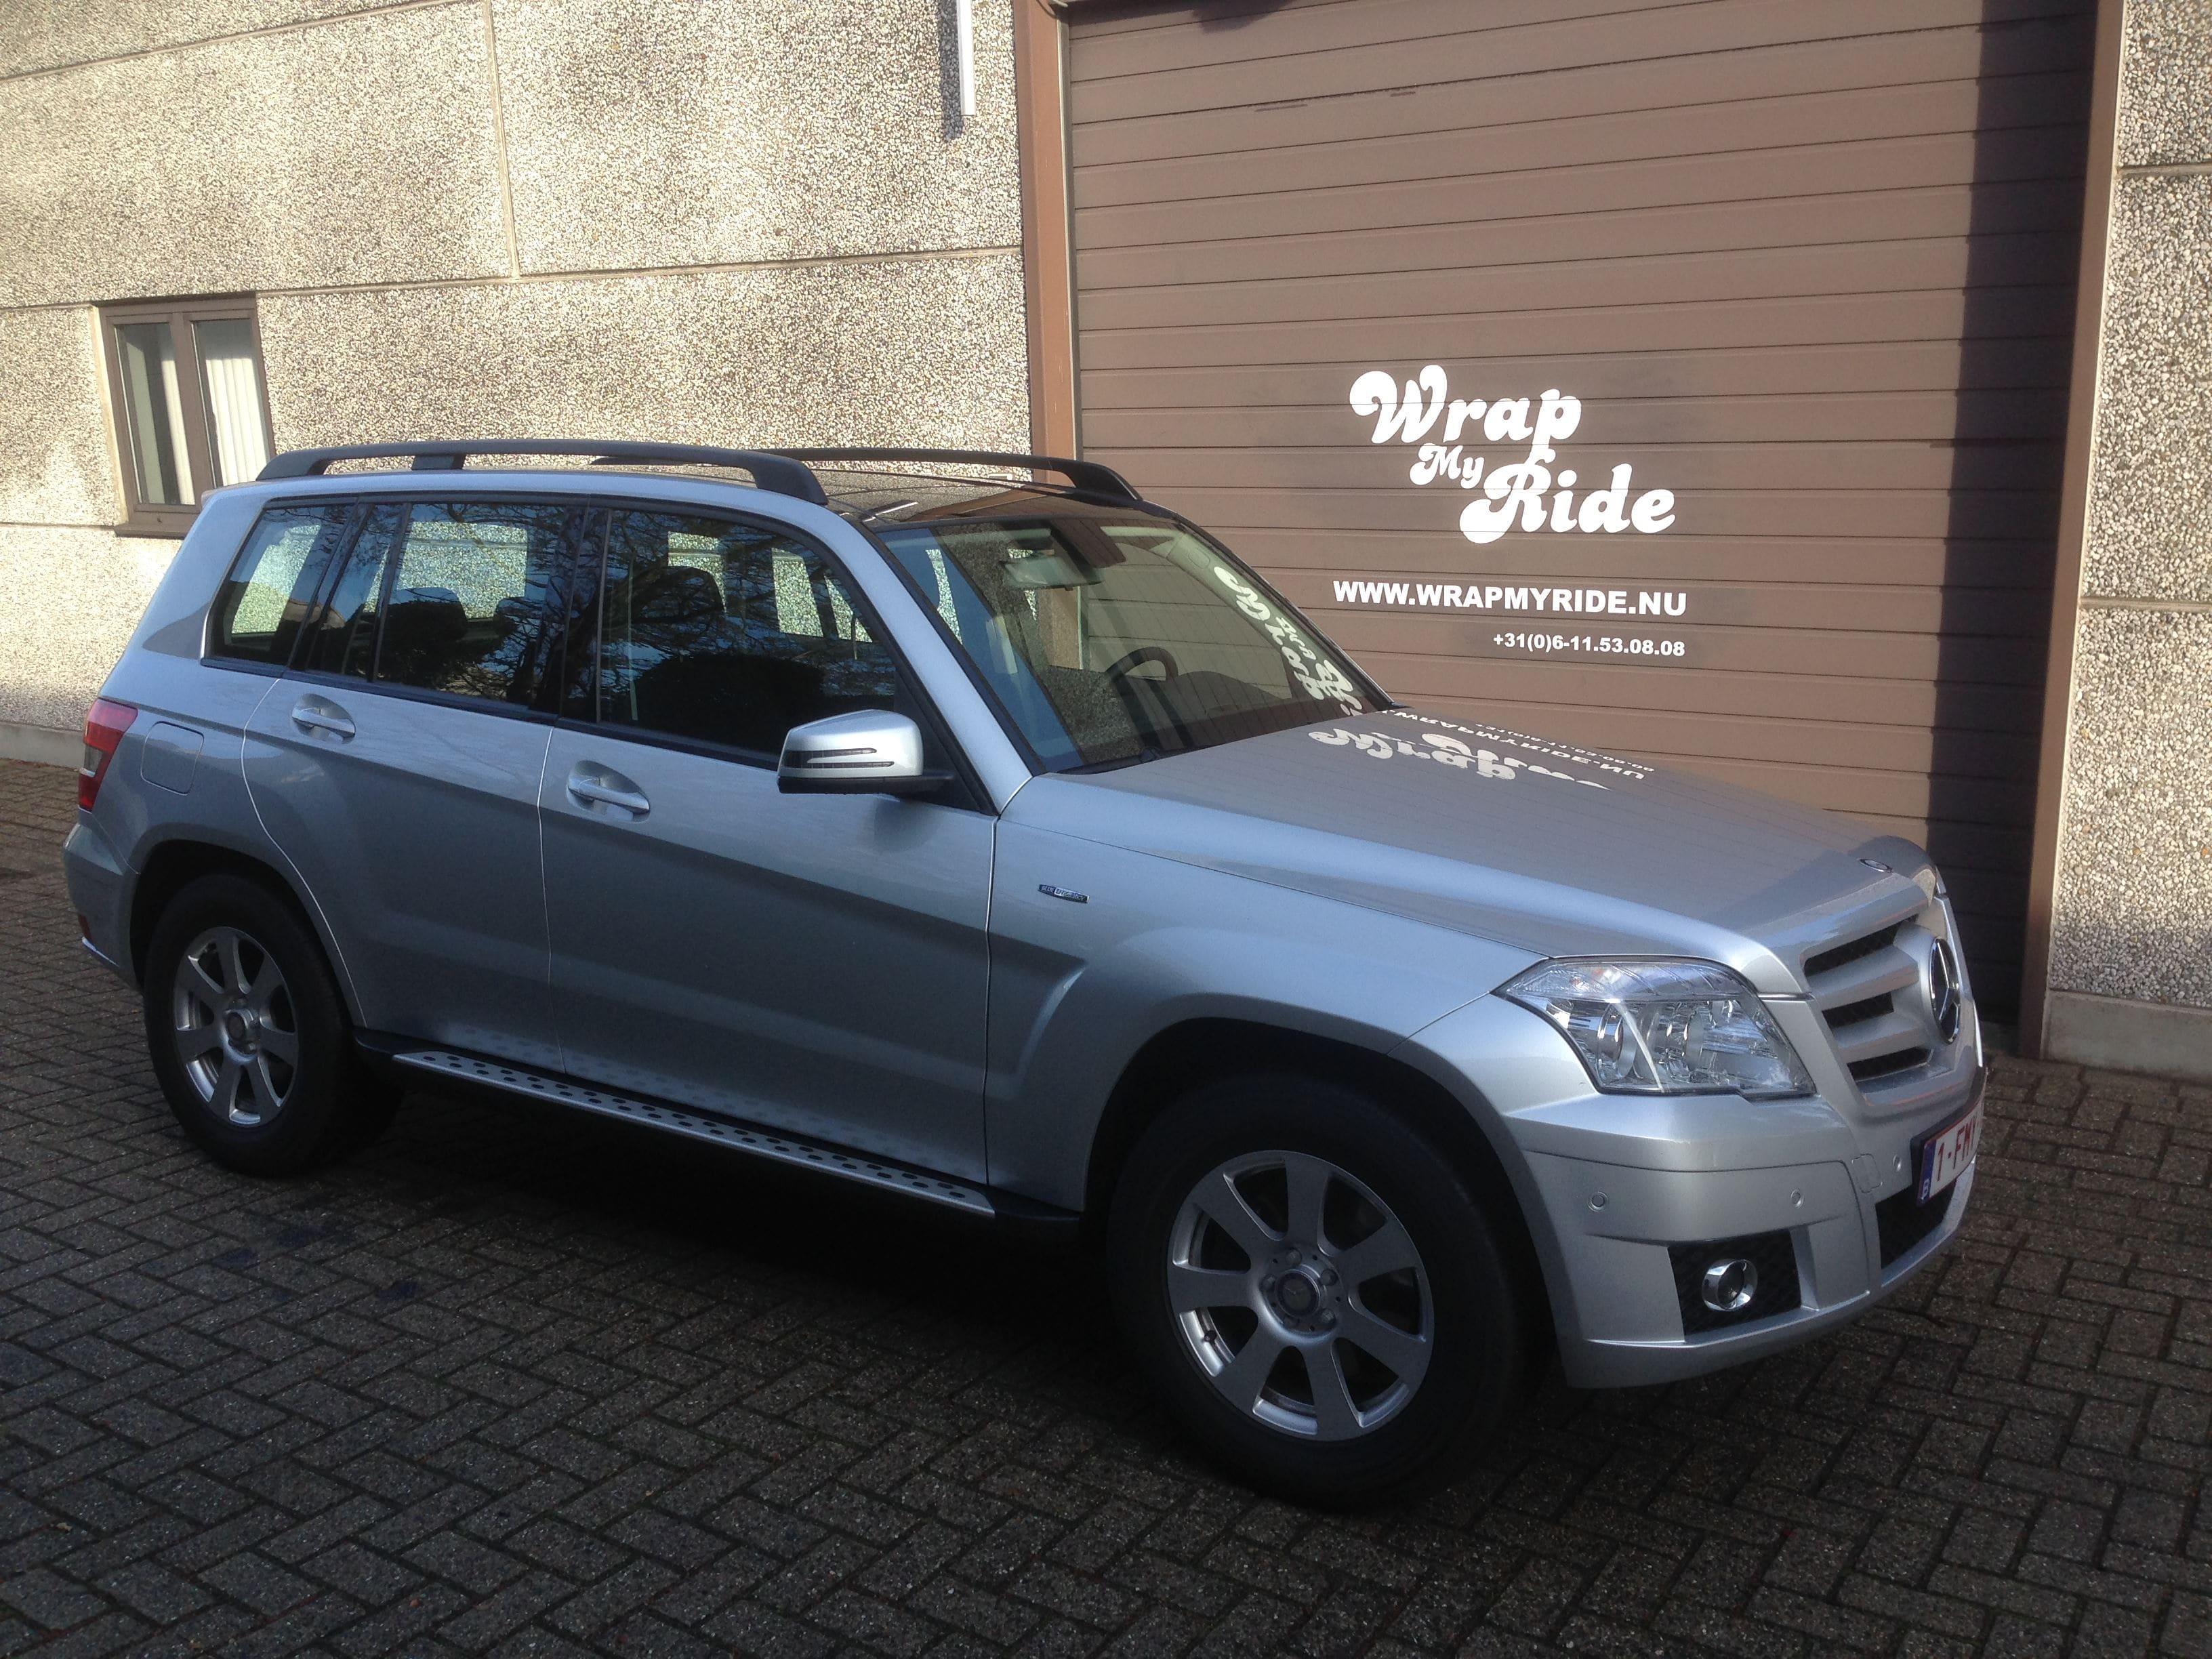 Mercedes GLK met Glossy White Wrap, Carwrapping door Wrapmyride.nu Foto-nr:6296, ©2020